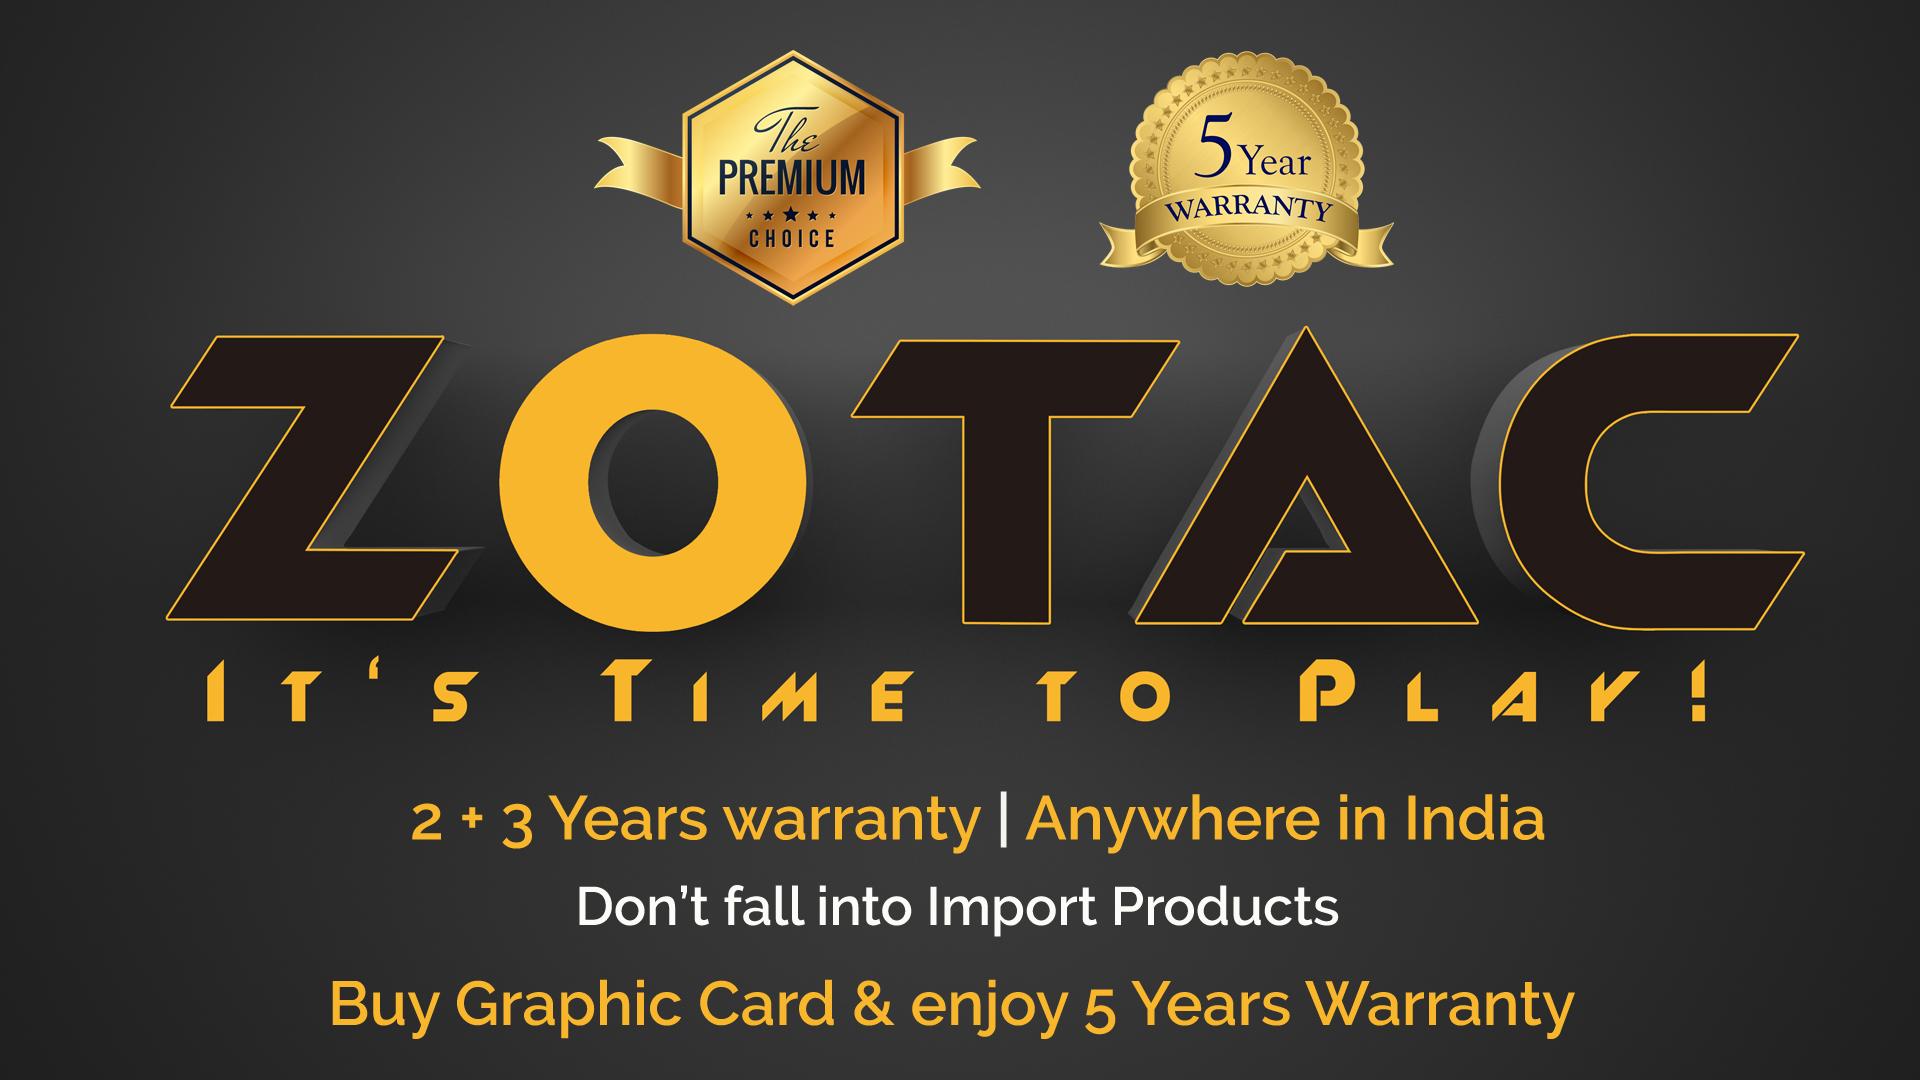 zotac-warranty